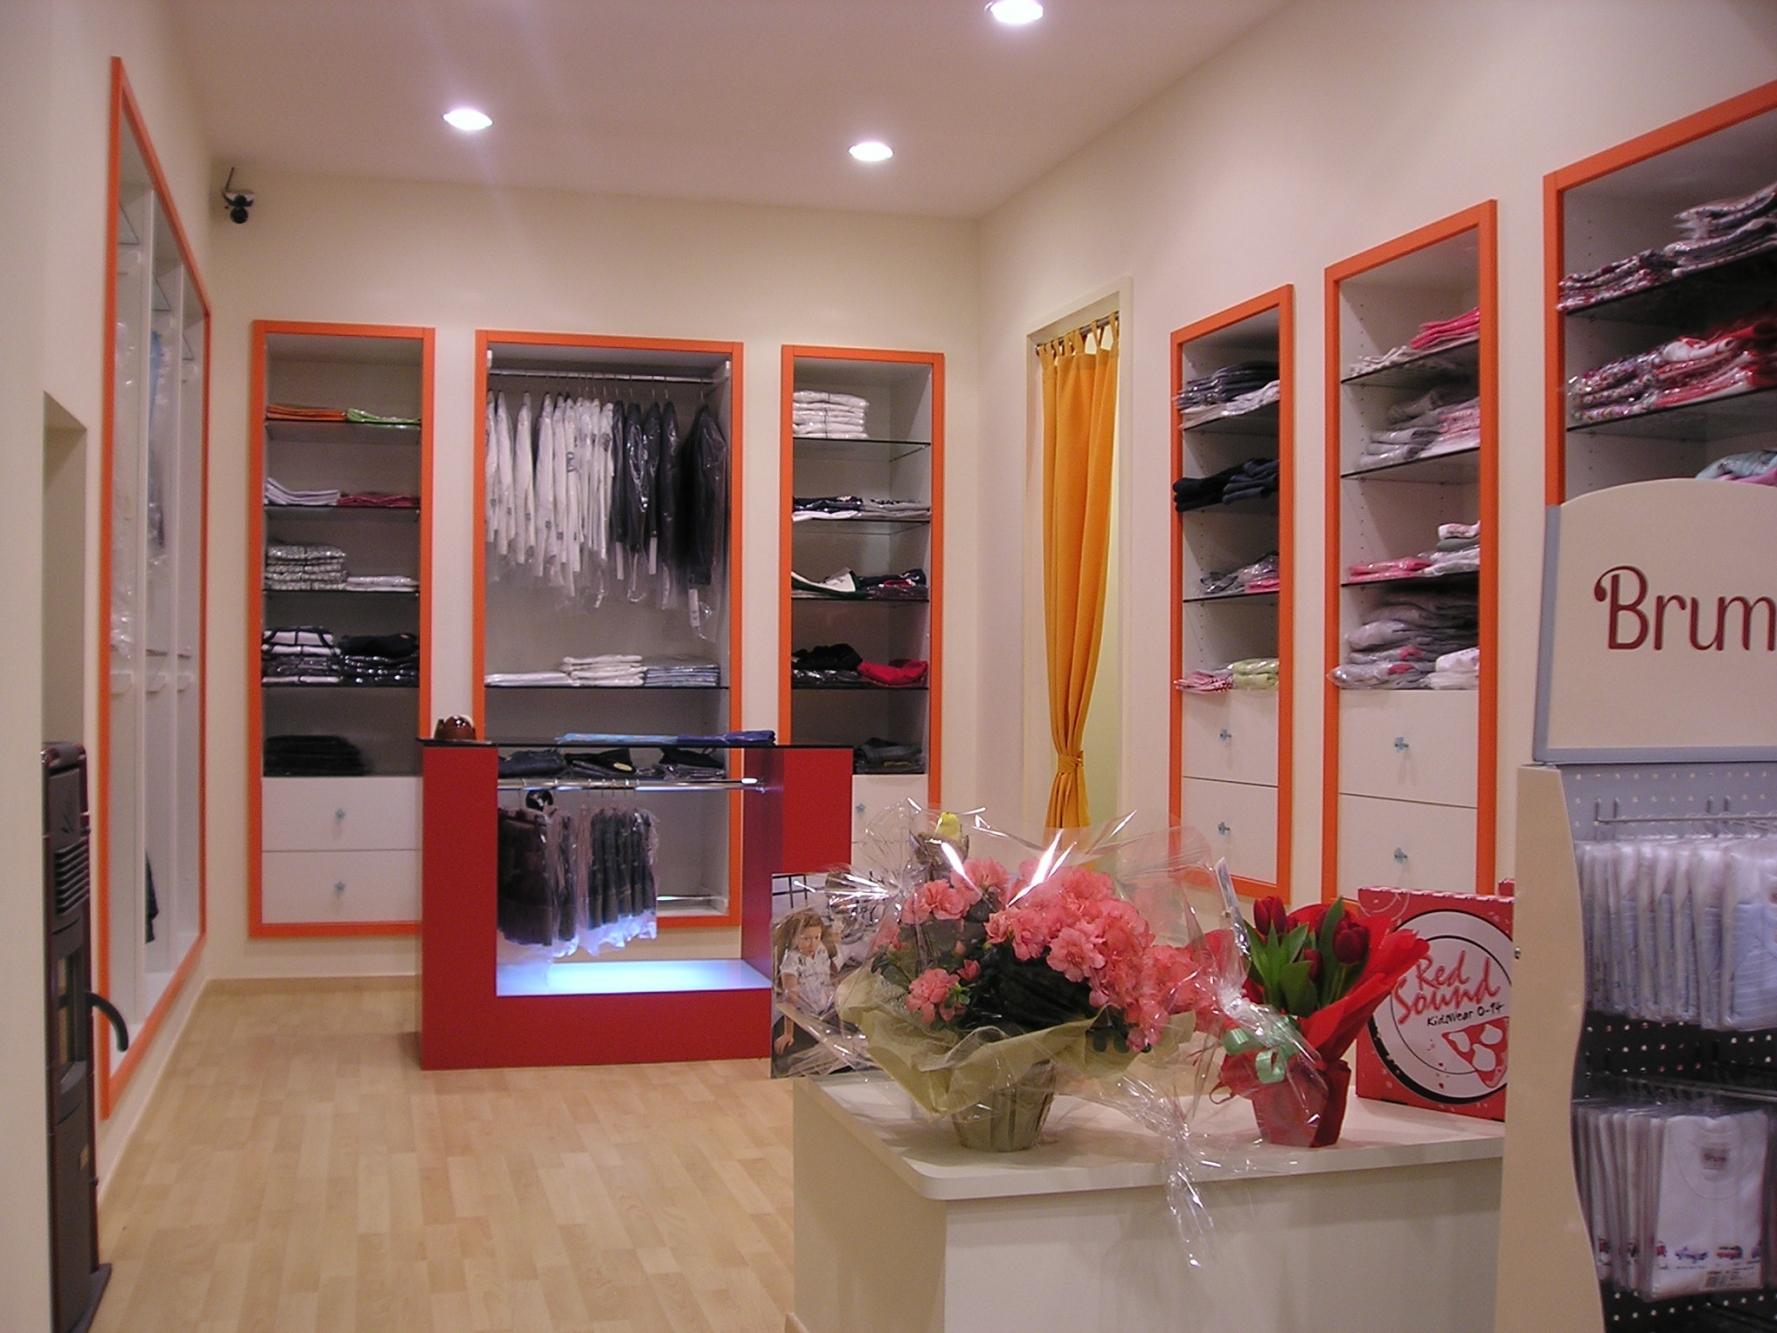 Arredamenti negozi infanzia bologna arredamento negozi for Accessori arredamento negozi